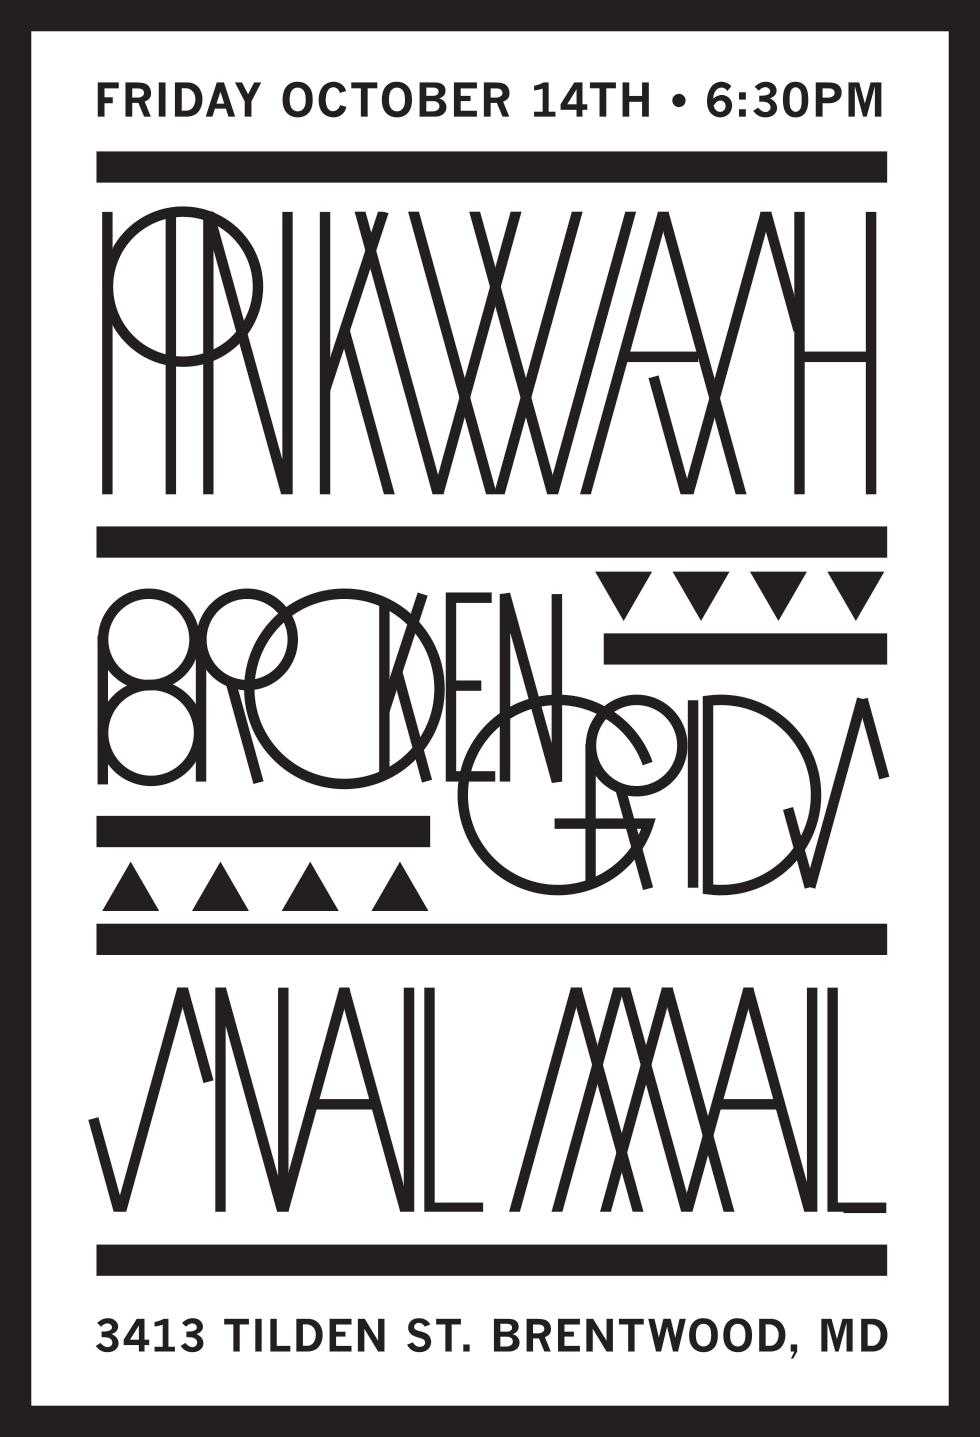 Pinkwash, Broken Grids, Snail Mail concert poster